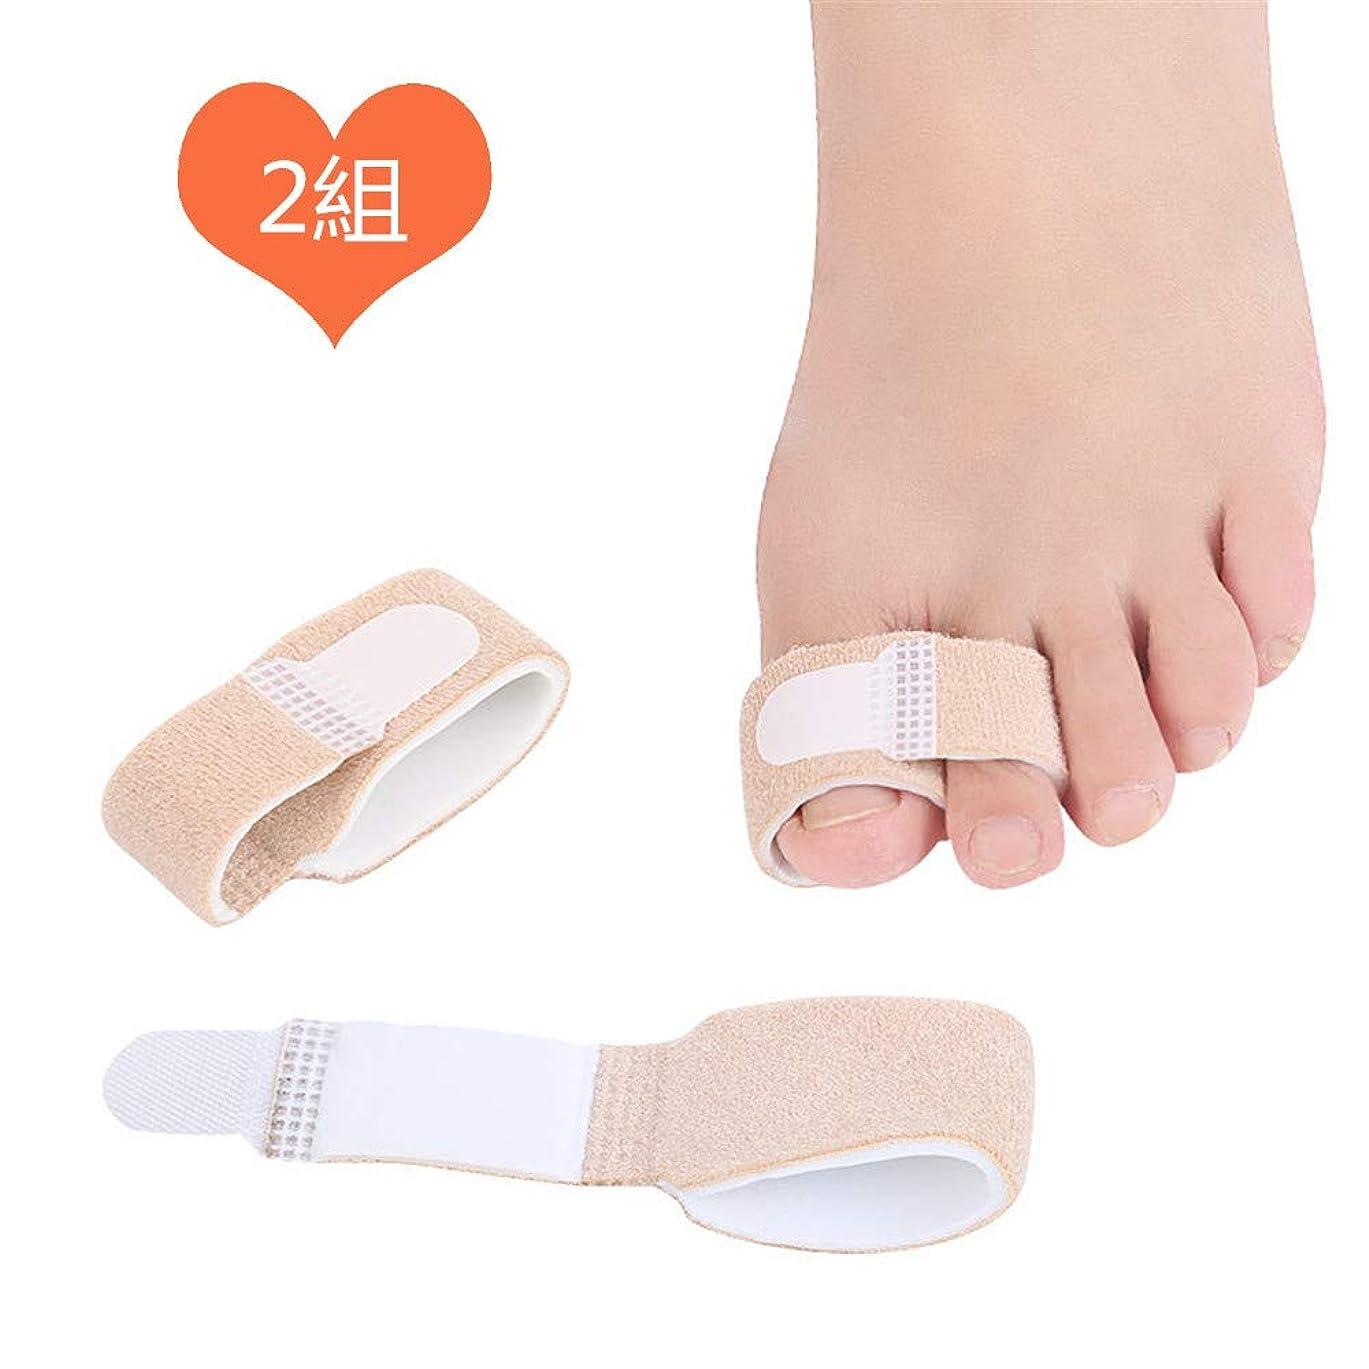 叫ぶシェアすみません足指矯正パッド 足指サポーター 指間矯正 固定サポーター 姿勢補正 浮き指 保護 固定 悪化防止 衝撃吸収 手足兼用(2組)